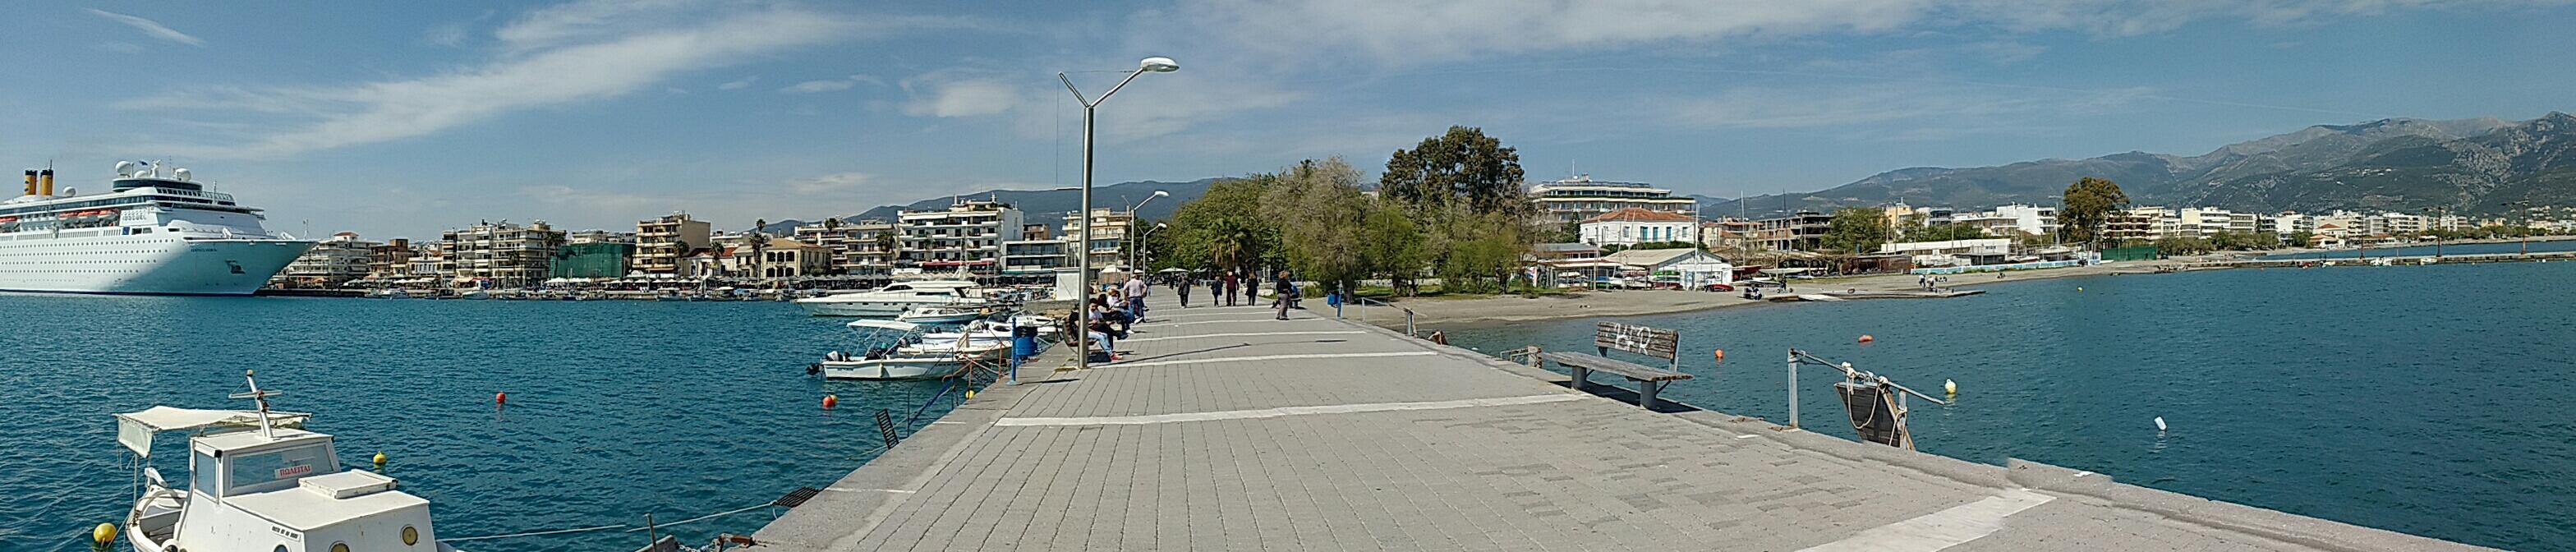 Kalamata Greece  city photos gallery : Kalamata Greece Cruise Port of Call